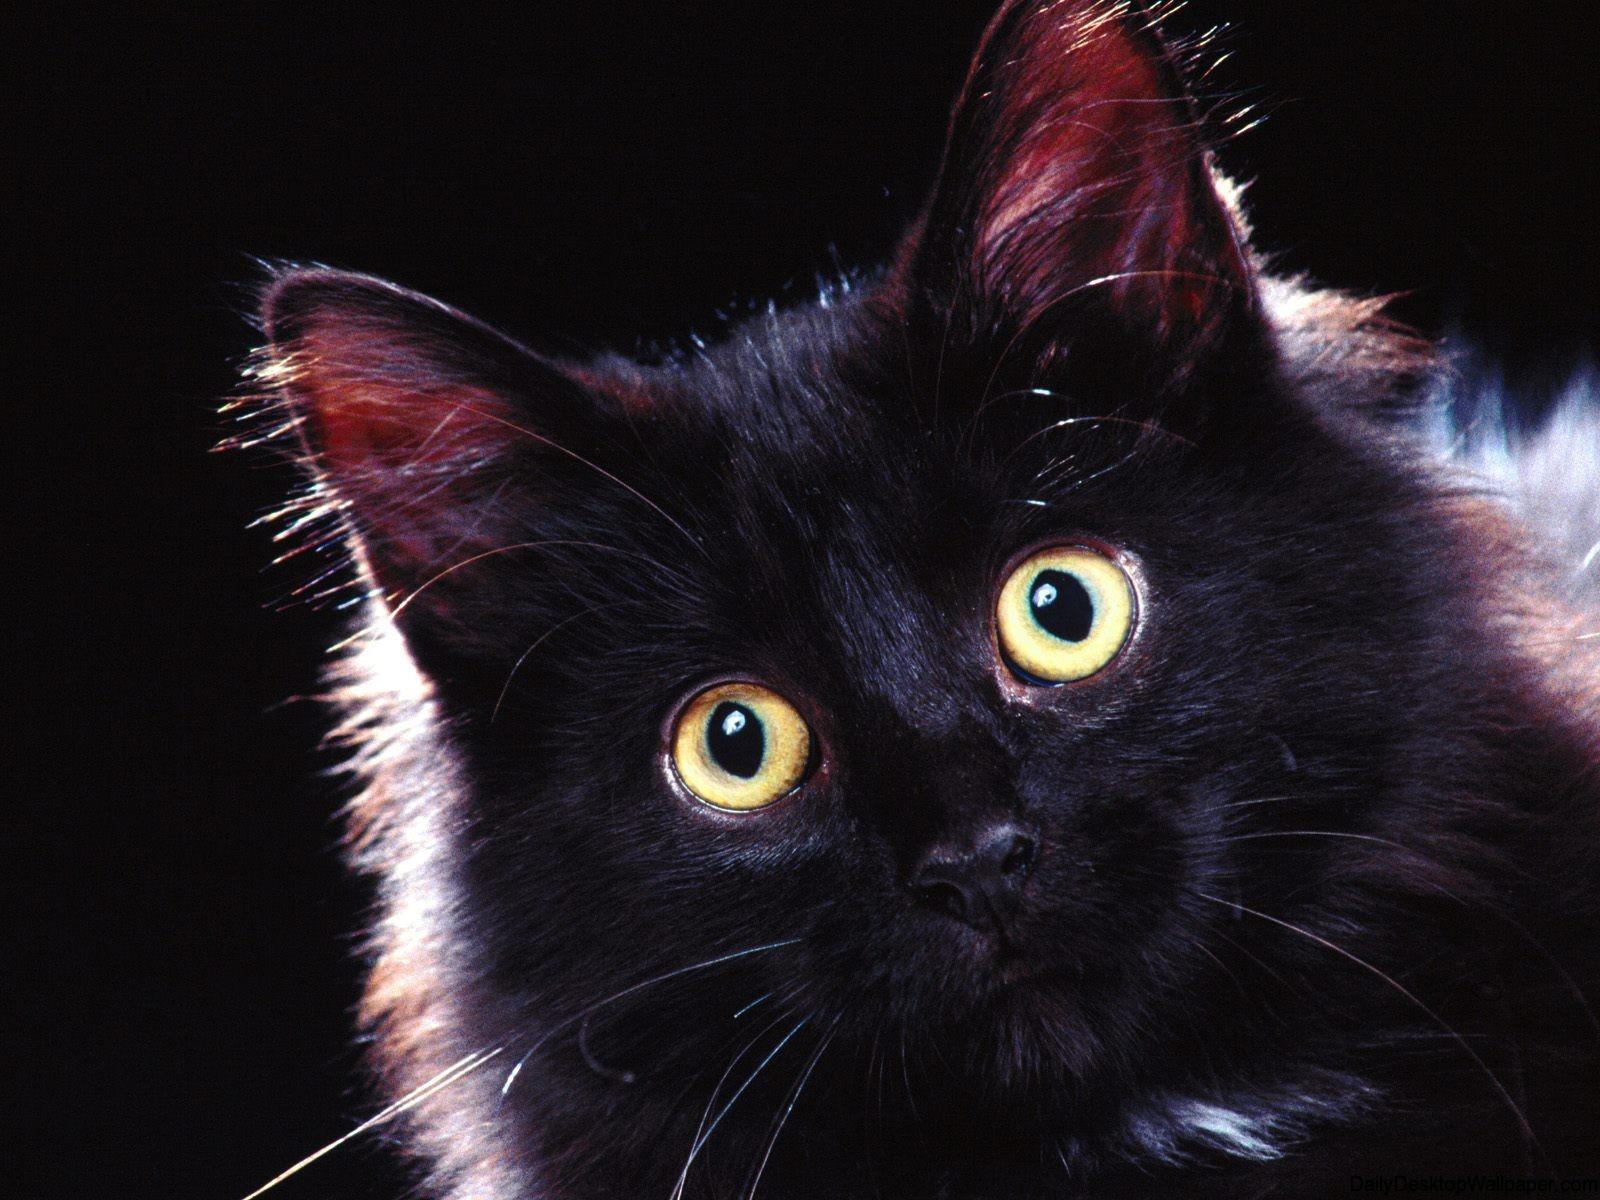 Cute Black Cat Iphone Wallpaper Surprised Cat Hd Wallpaper Hd Wallpapers